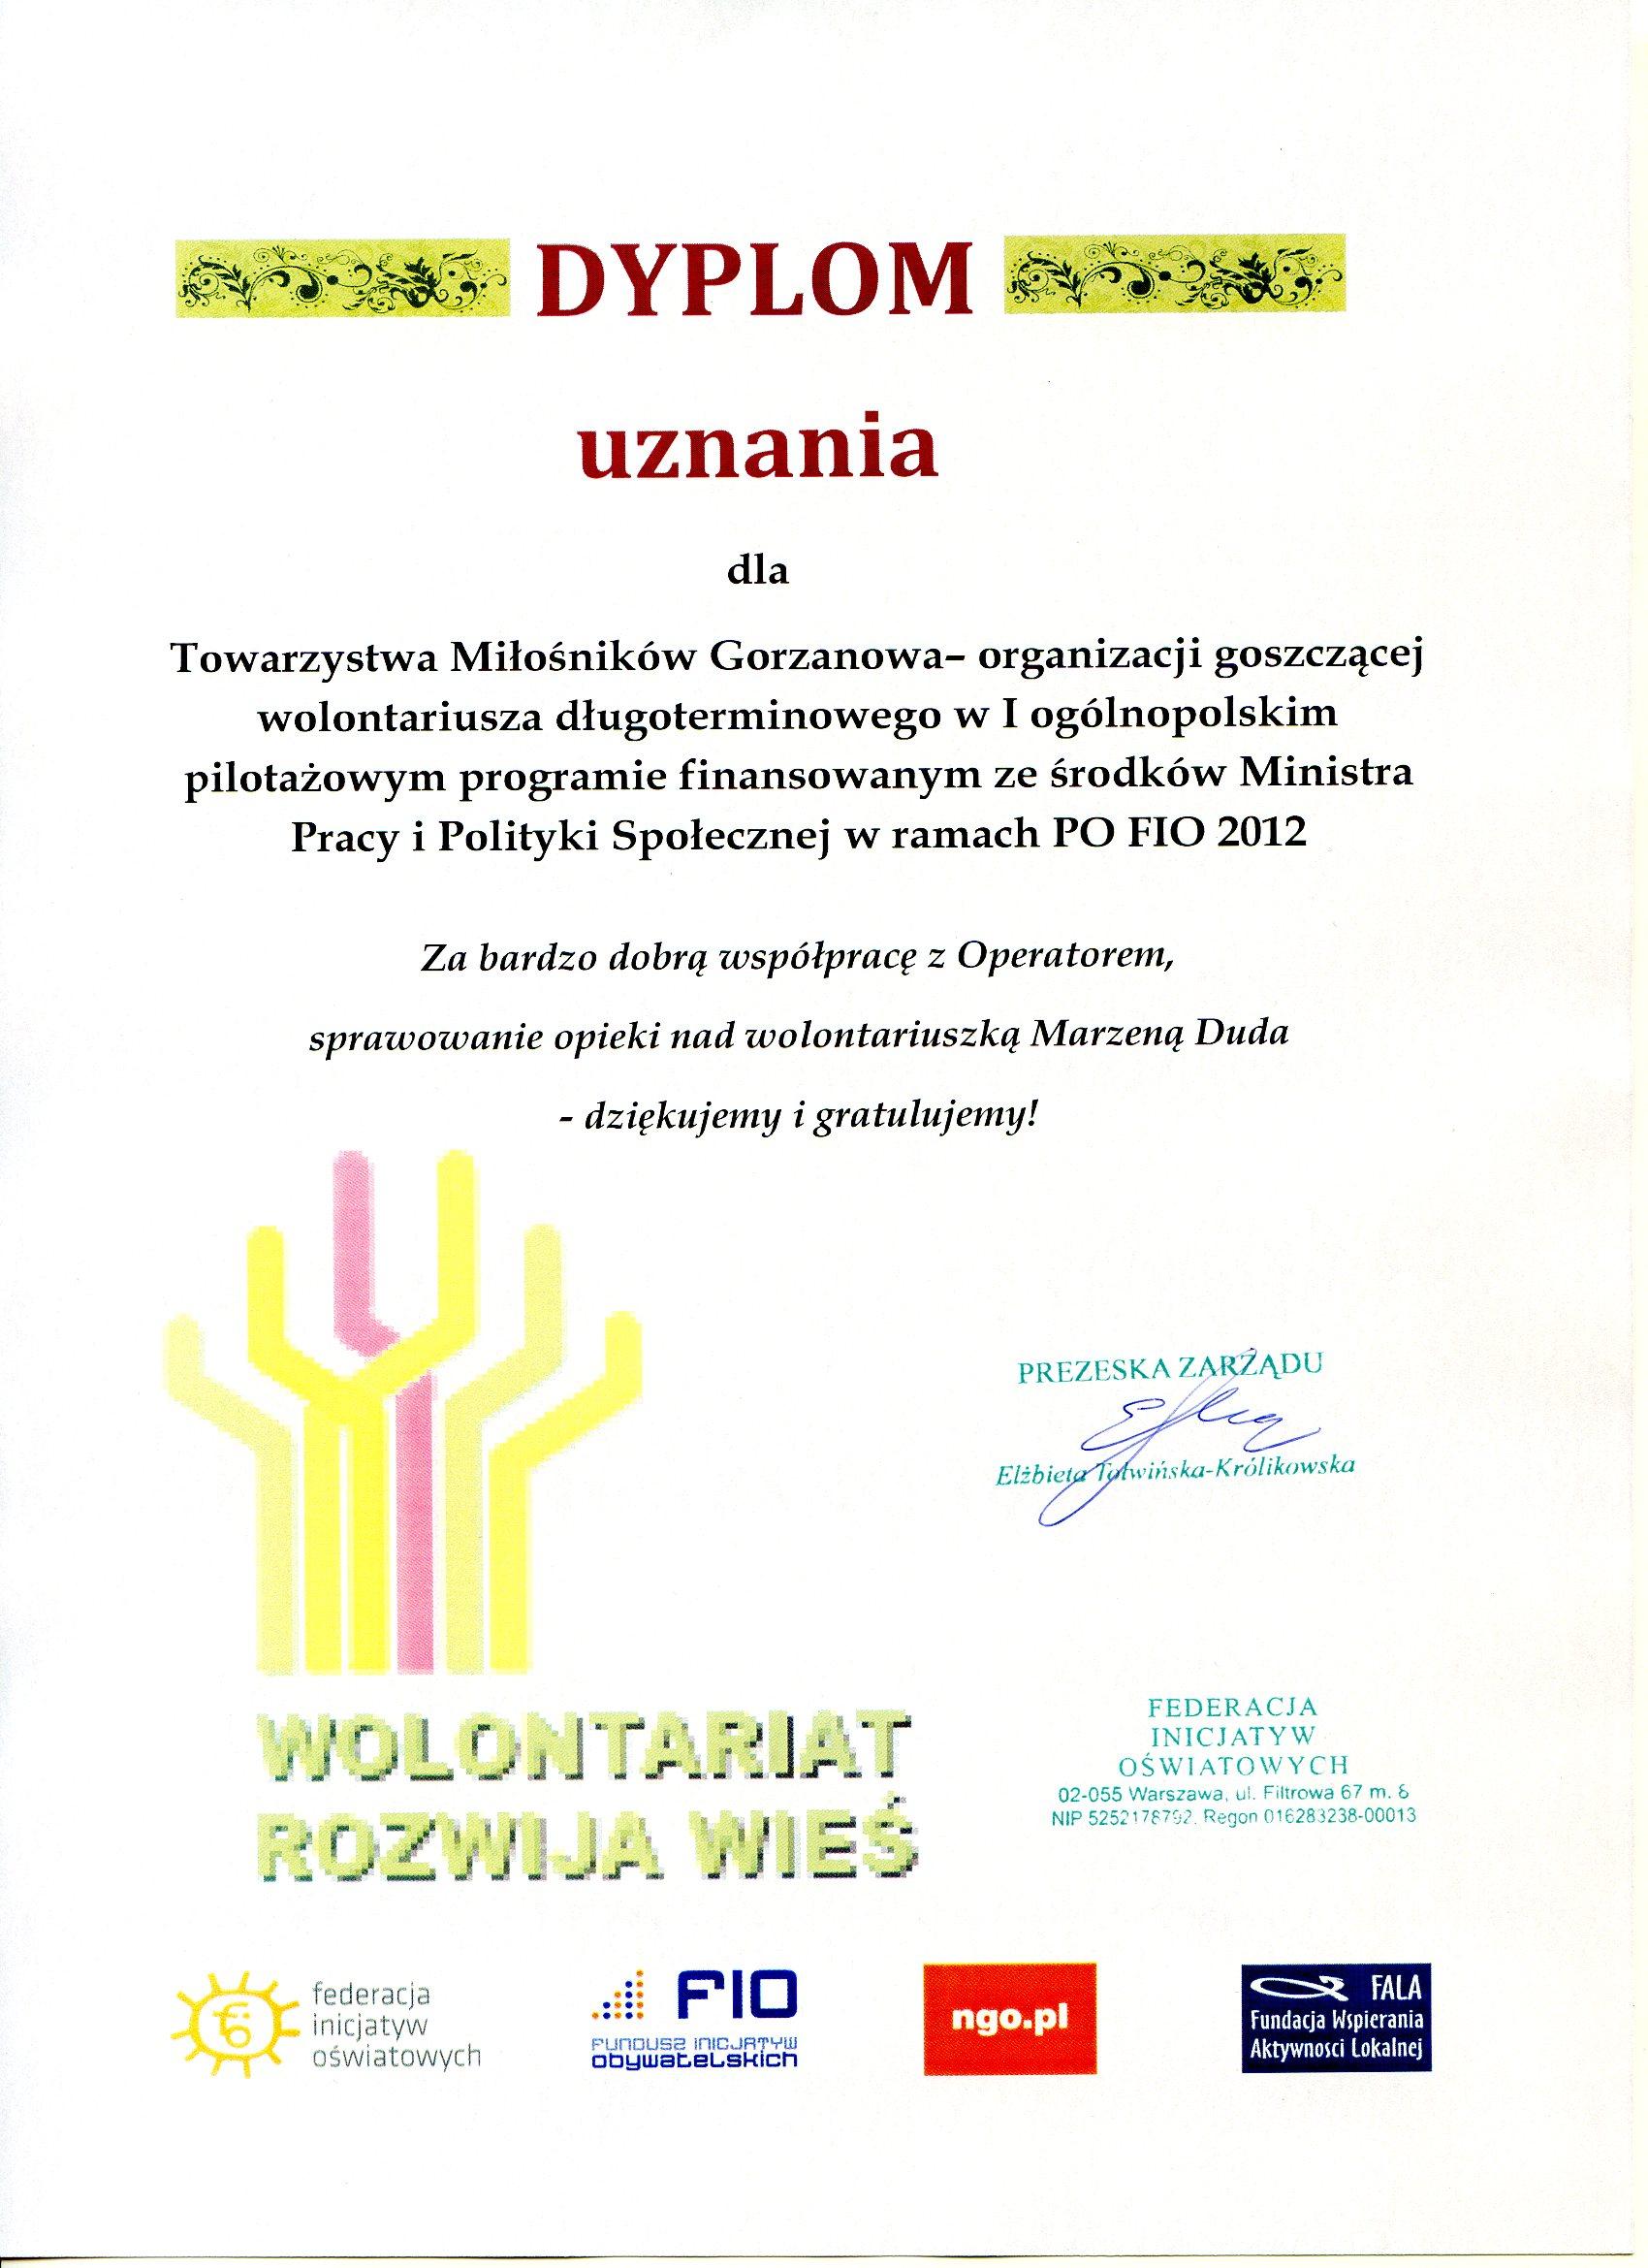 2013.09.09. Dymplom_Wolontariat_Rozwija_Wieś